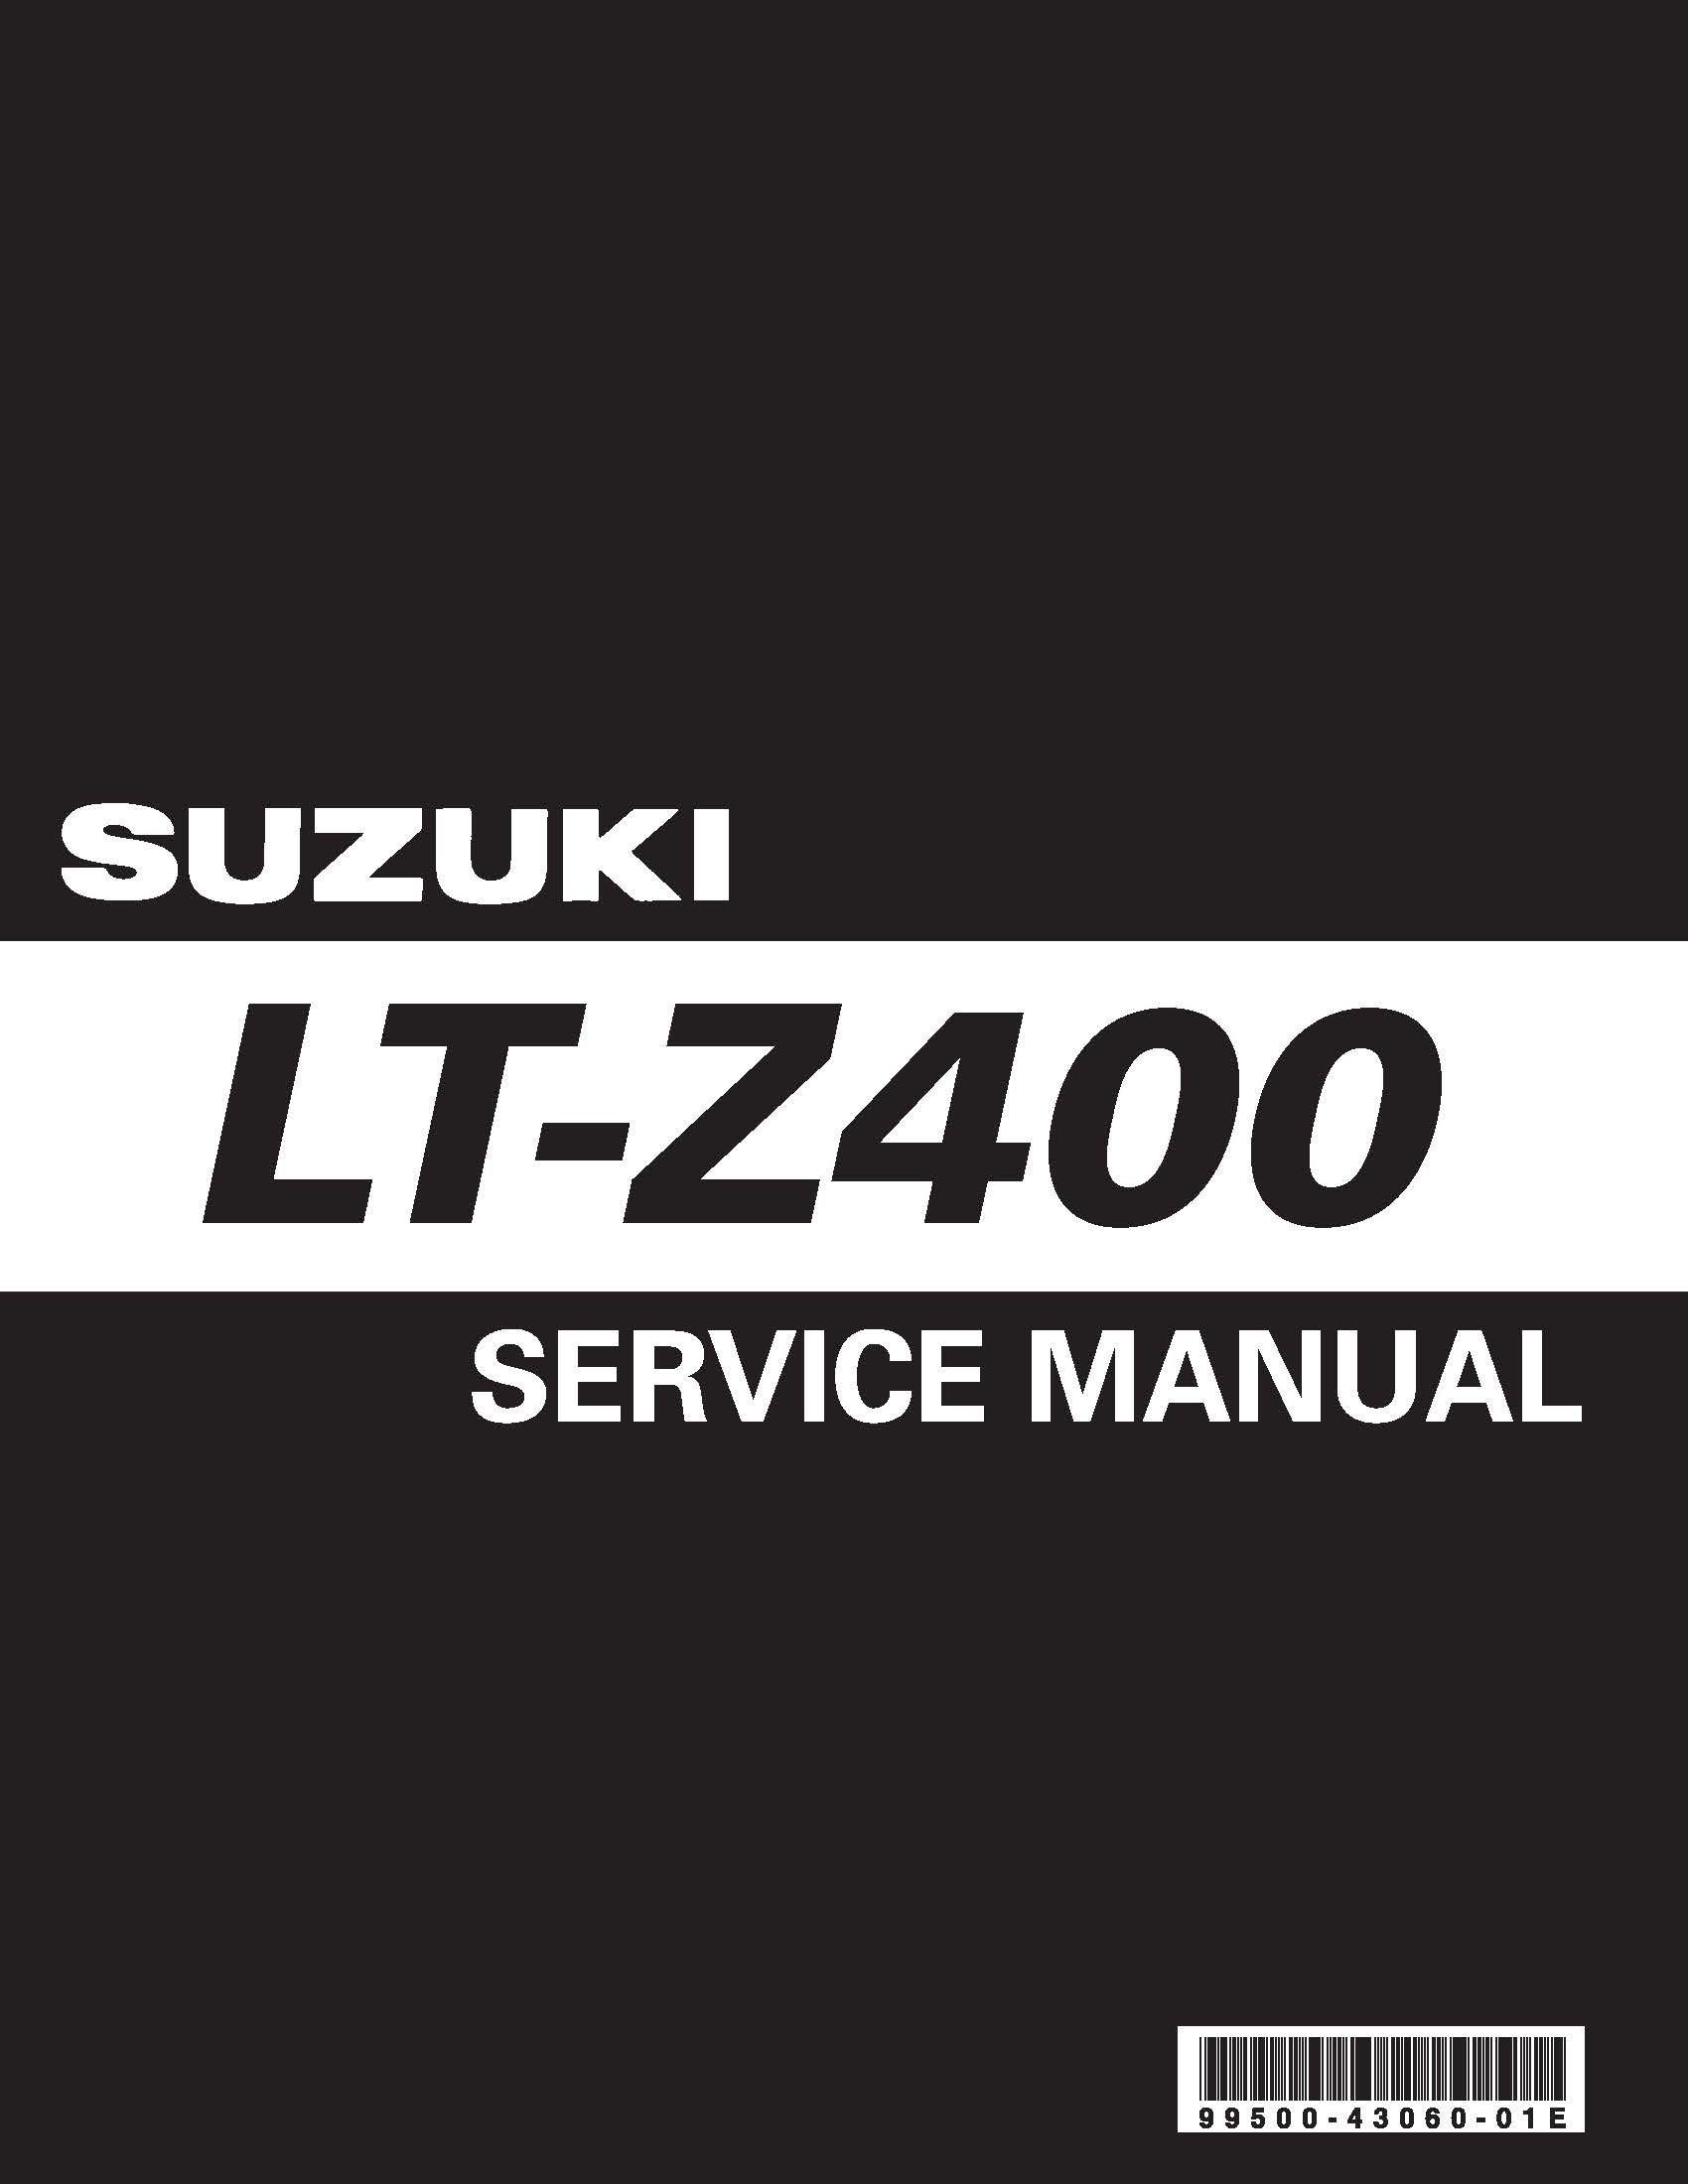 Tesa 300gl User Manual Ebook Onkyo Eq25 Wiring Diagram Array Height 400 Rh Bitlab